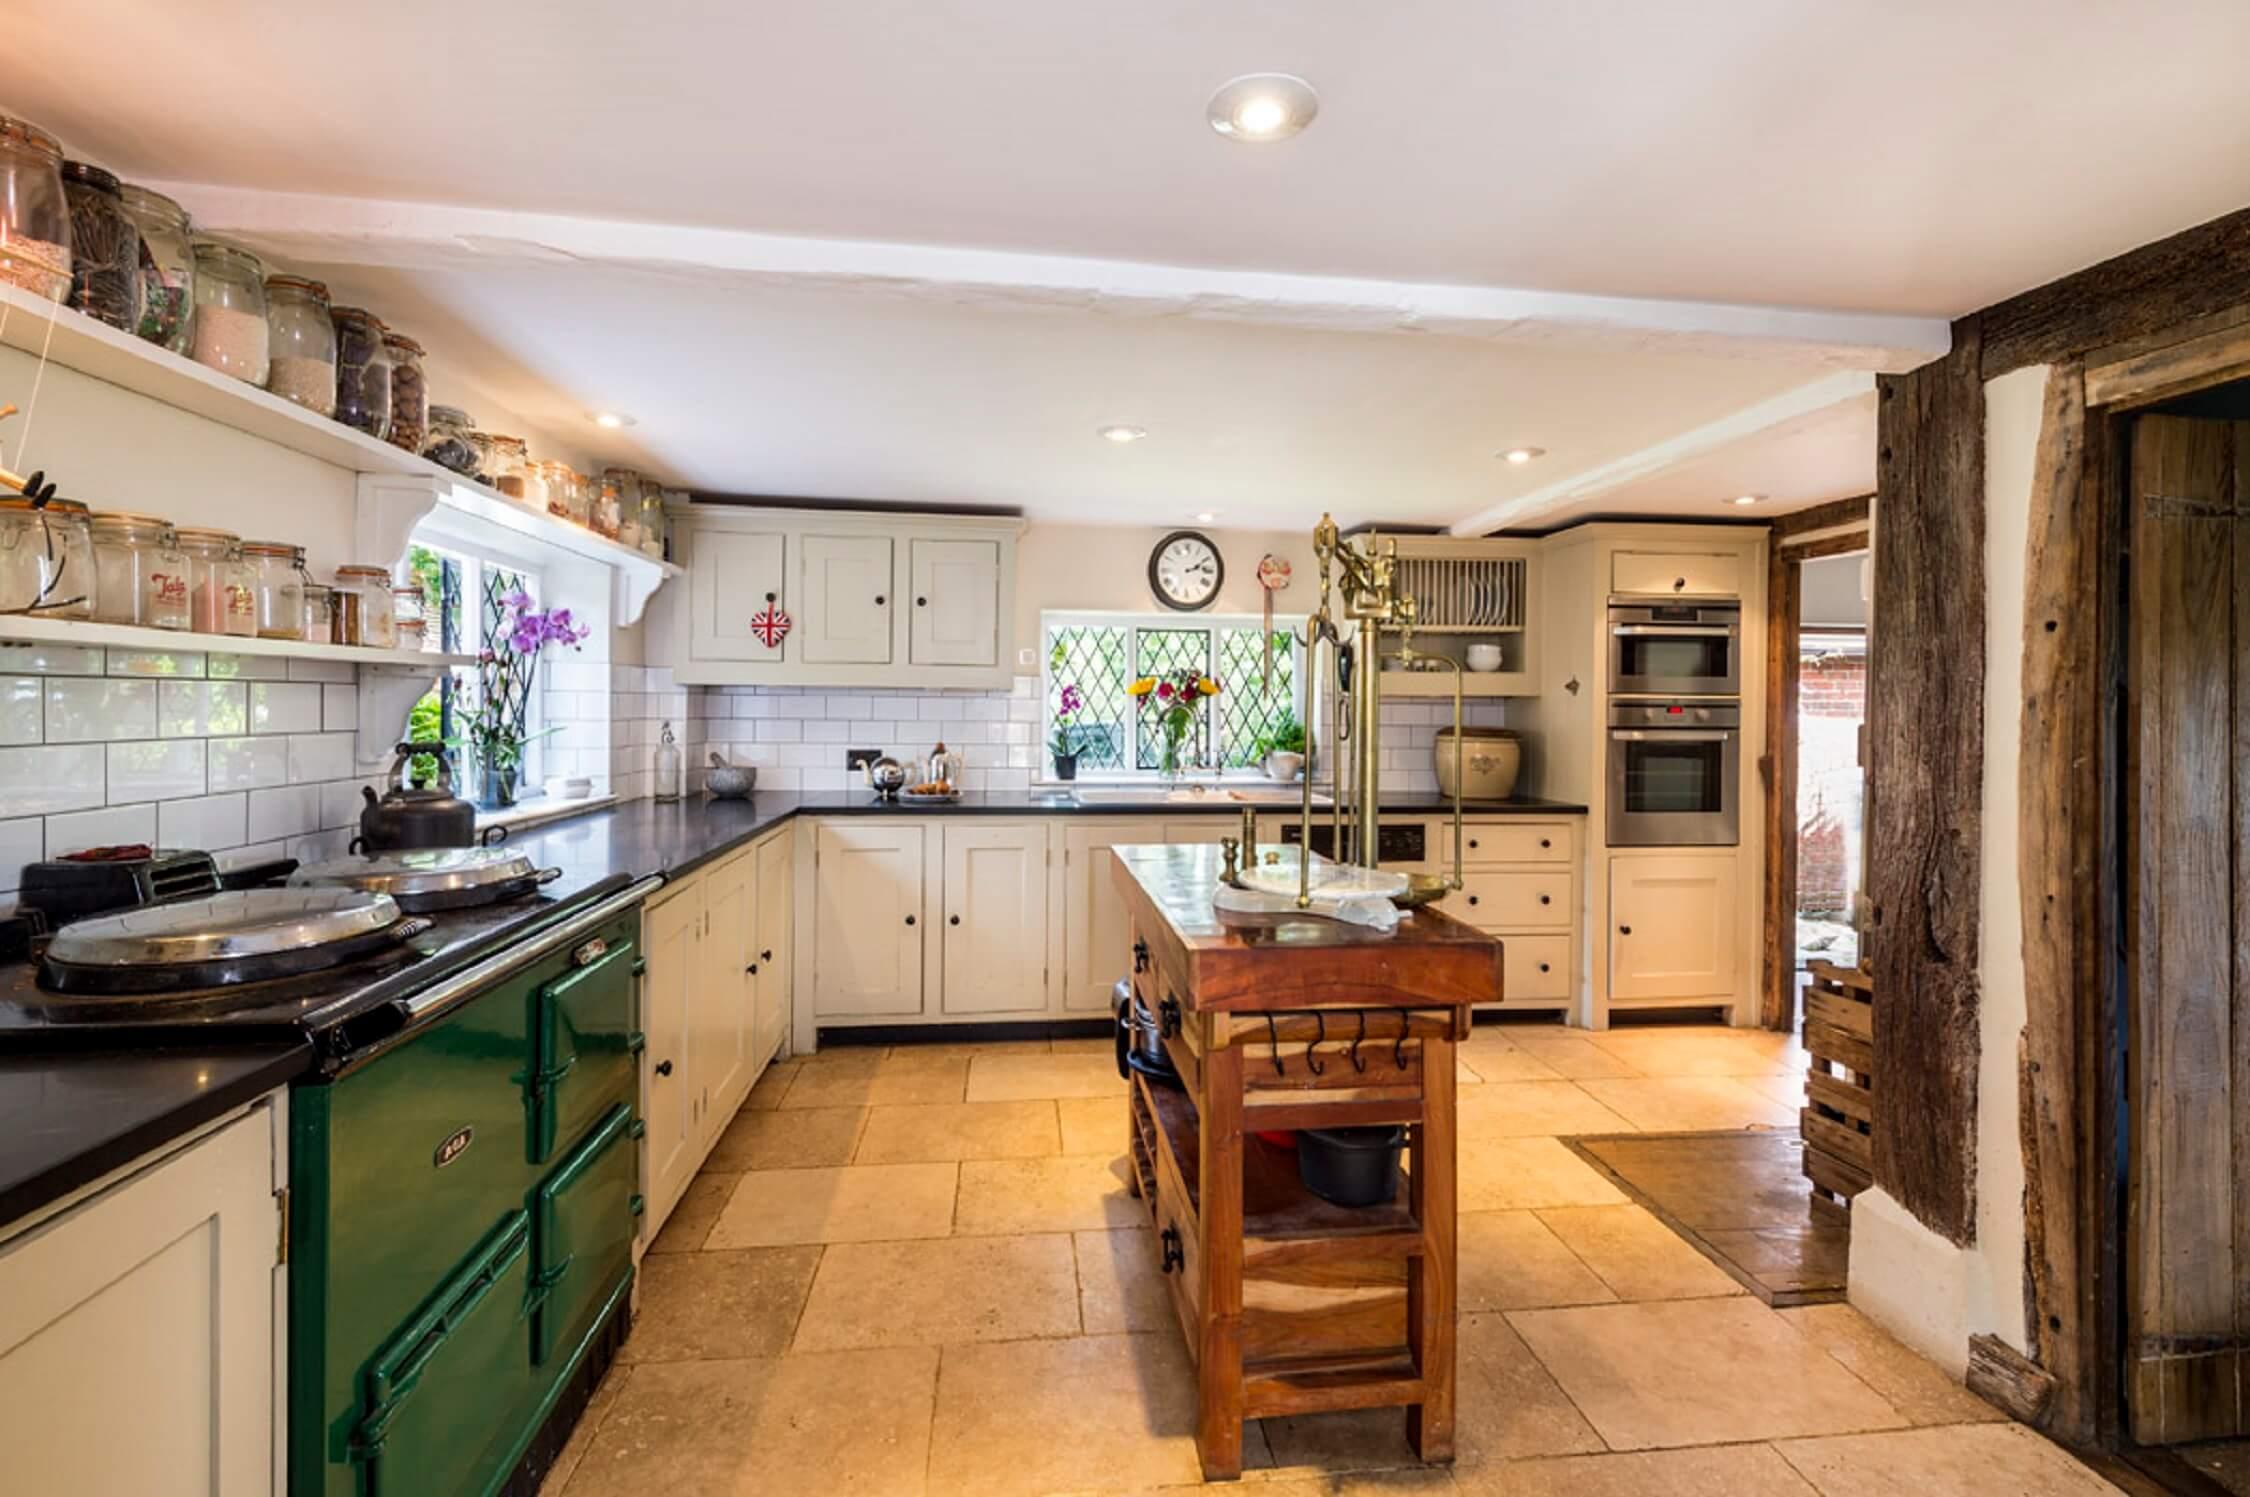 Fair Oak Farm - Farmhouse kitchen